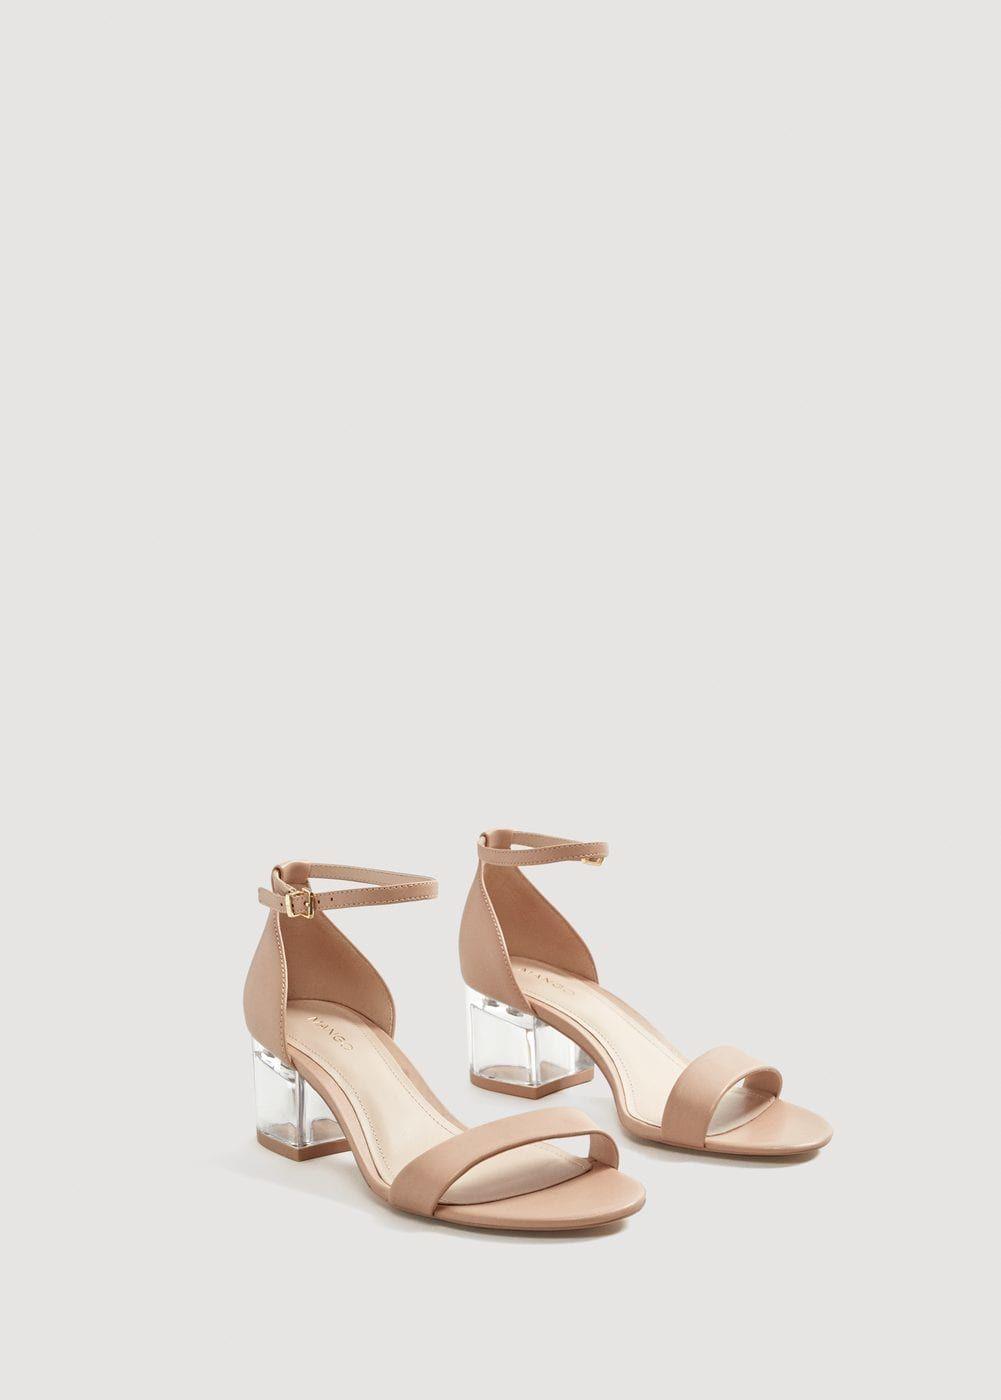 db651dcd4abd See-through heel sandals - Women in 2019